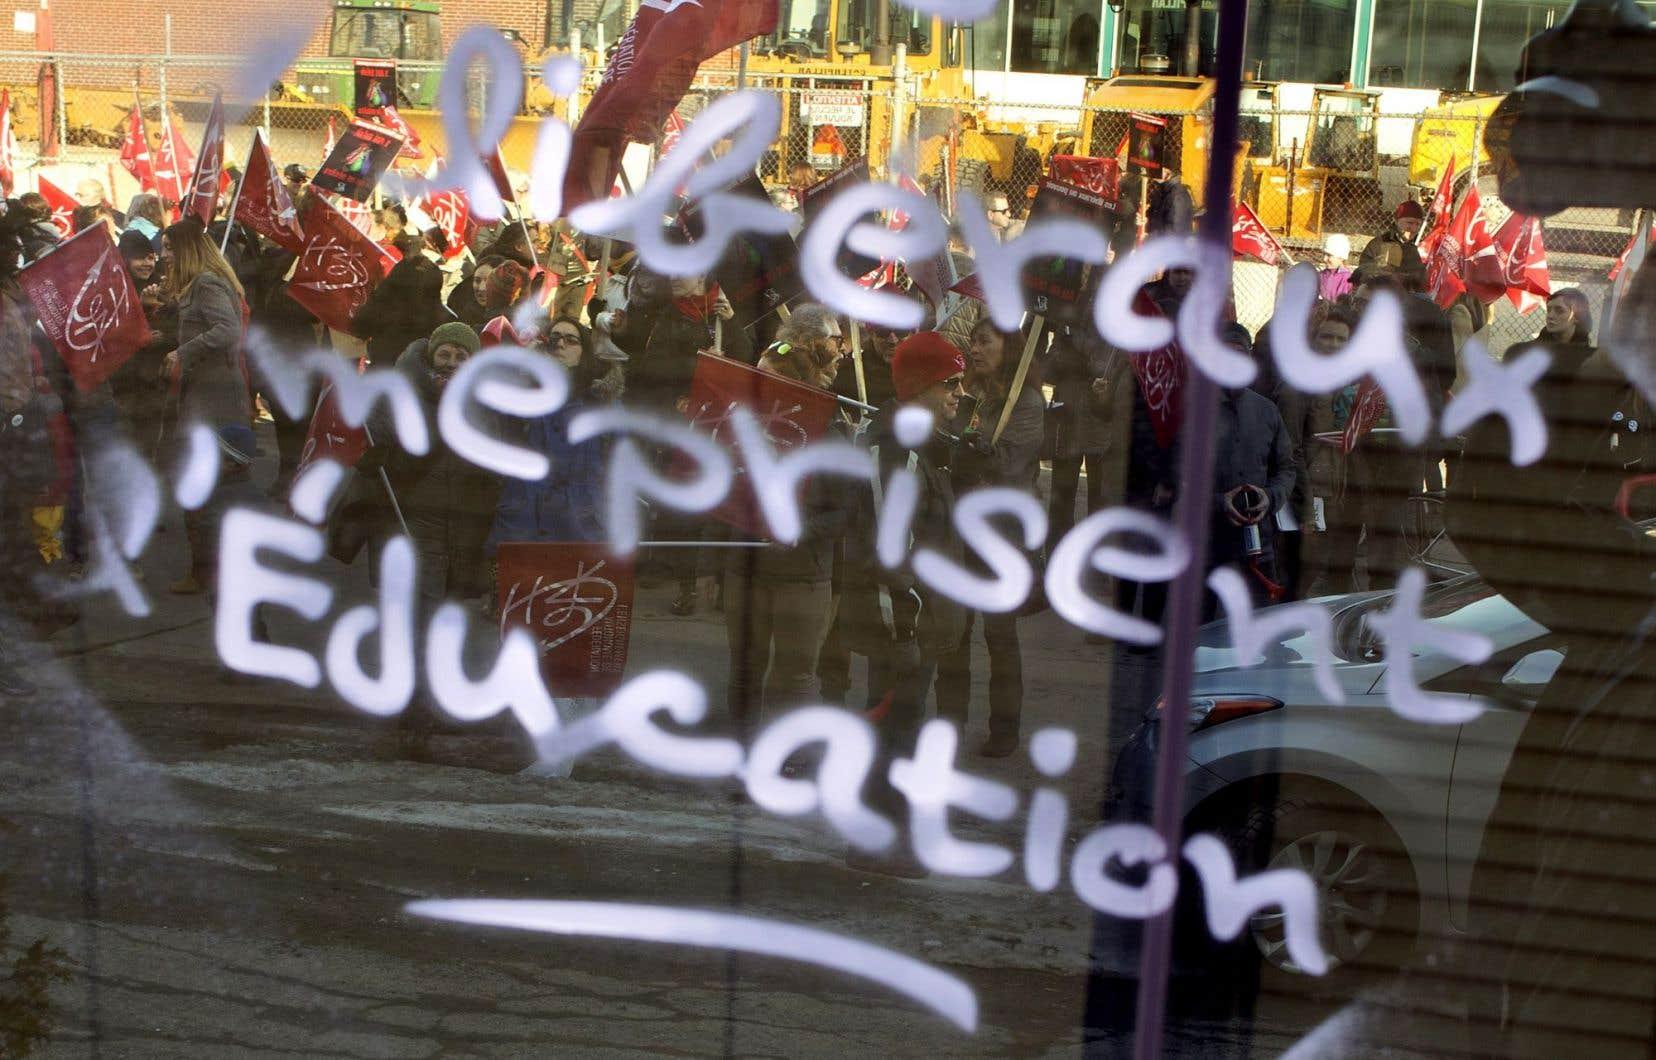 Une culture de l'autoritarisme bureaucratique s'est installée au ministère de l'Éducation et de l'Enseignement supérieur — comme au ministère de la Santé.